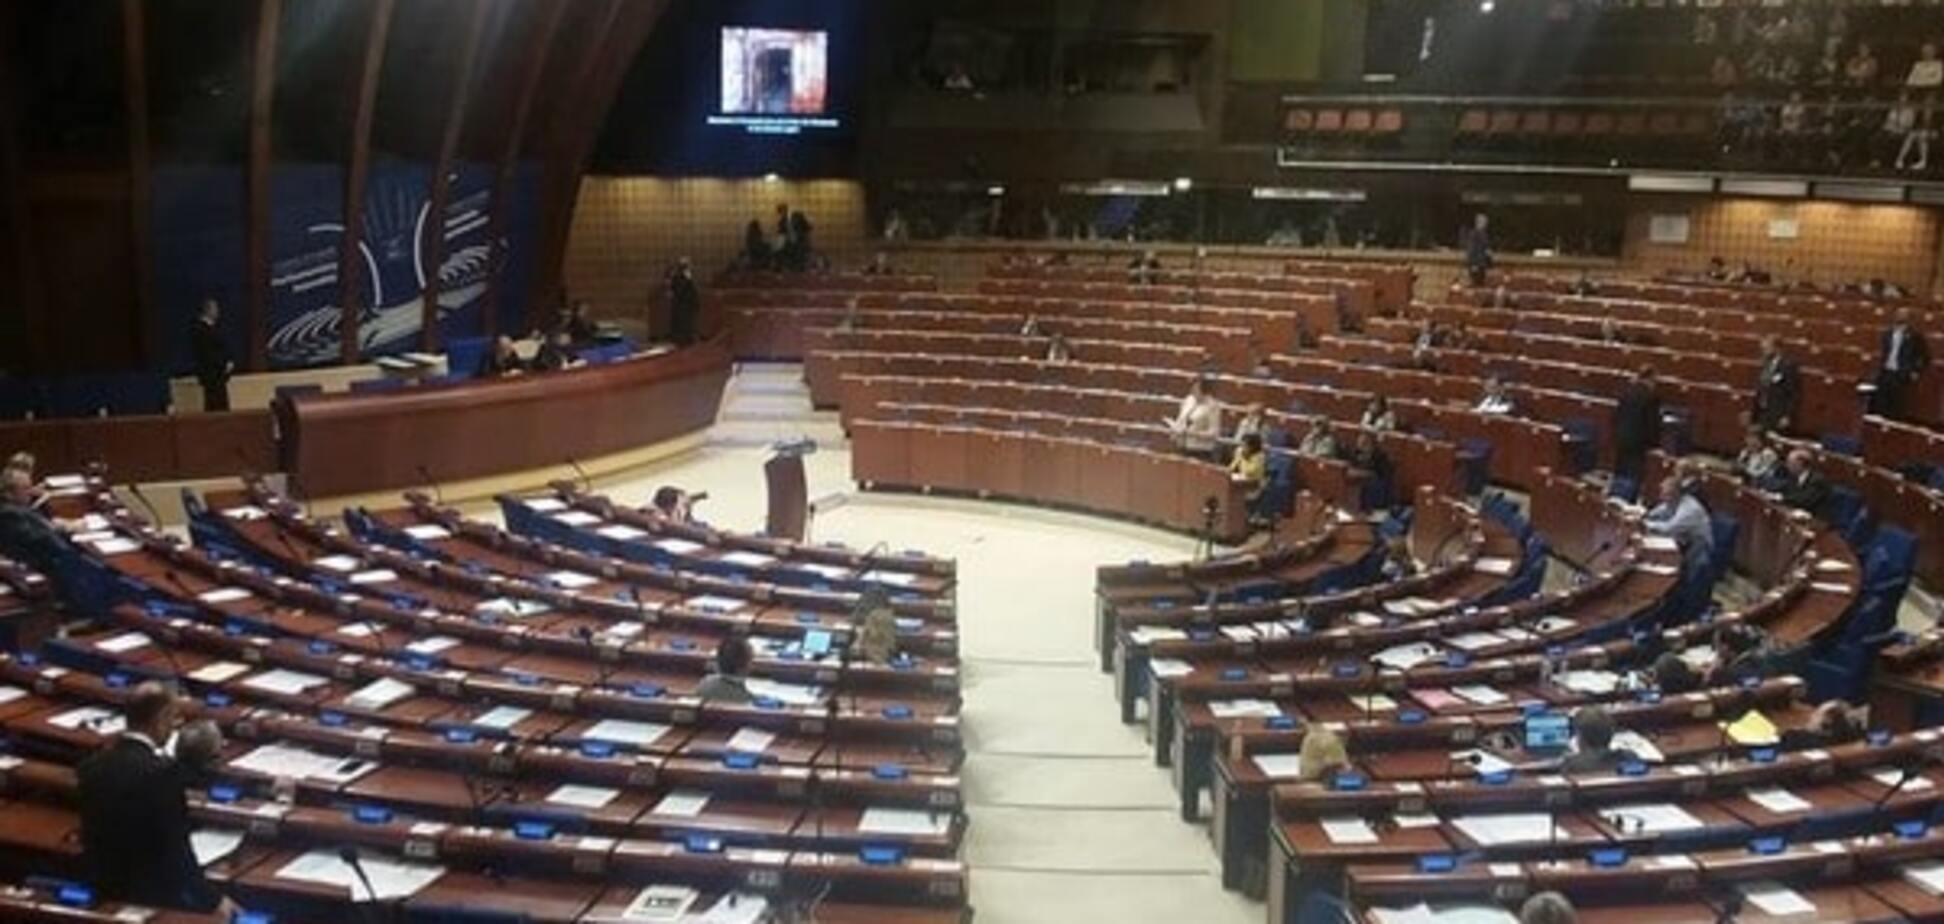 Справа Савченко: в ПАРЄ почали обговорювати резолюцію щодо України